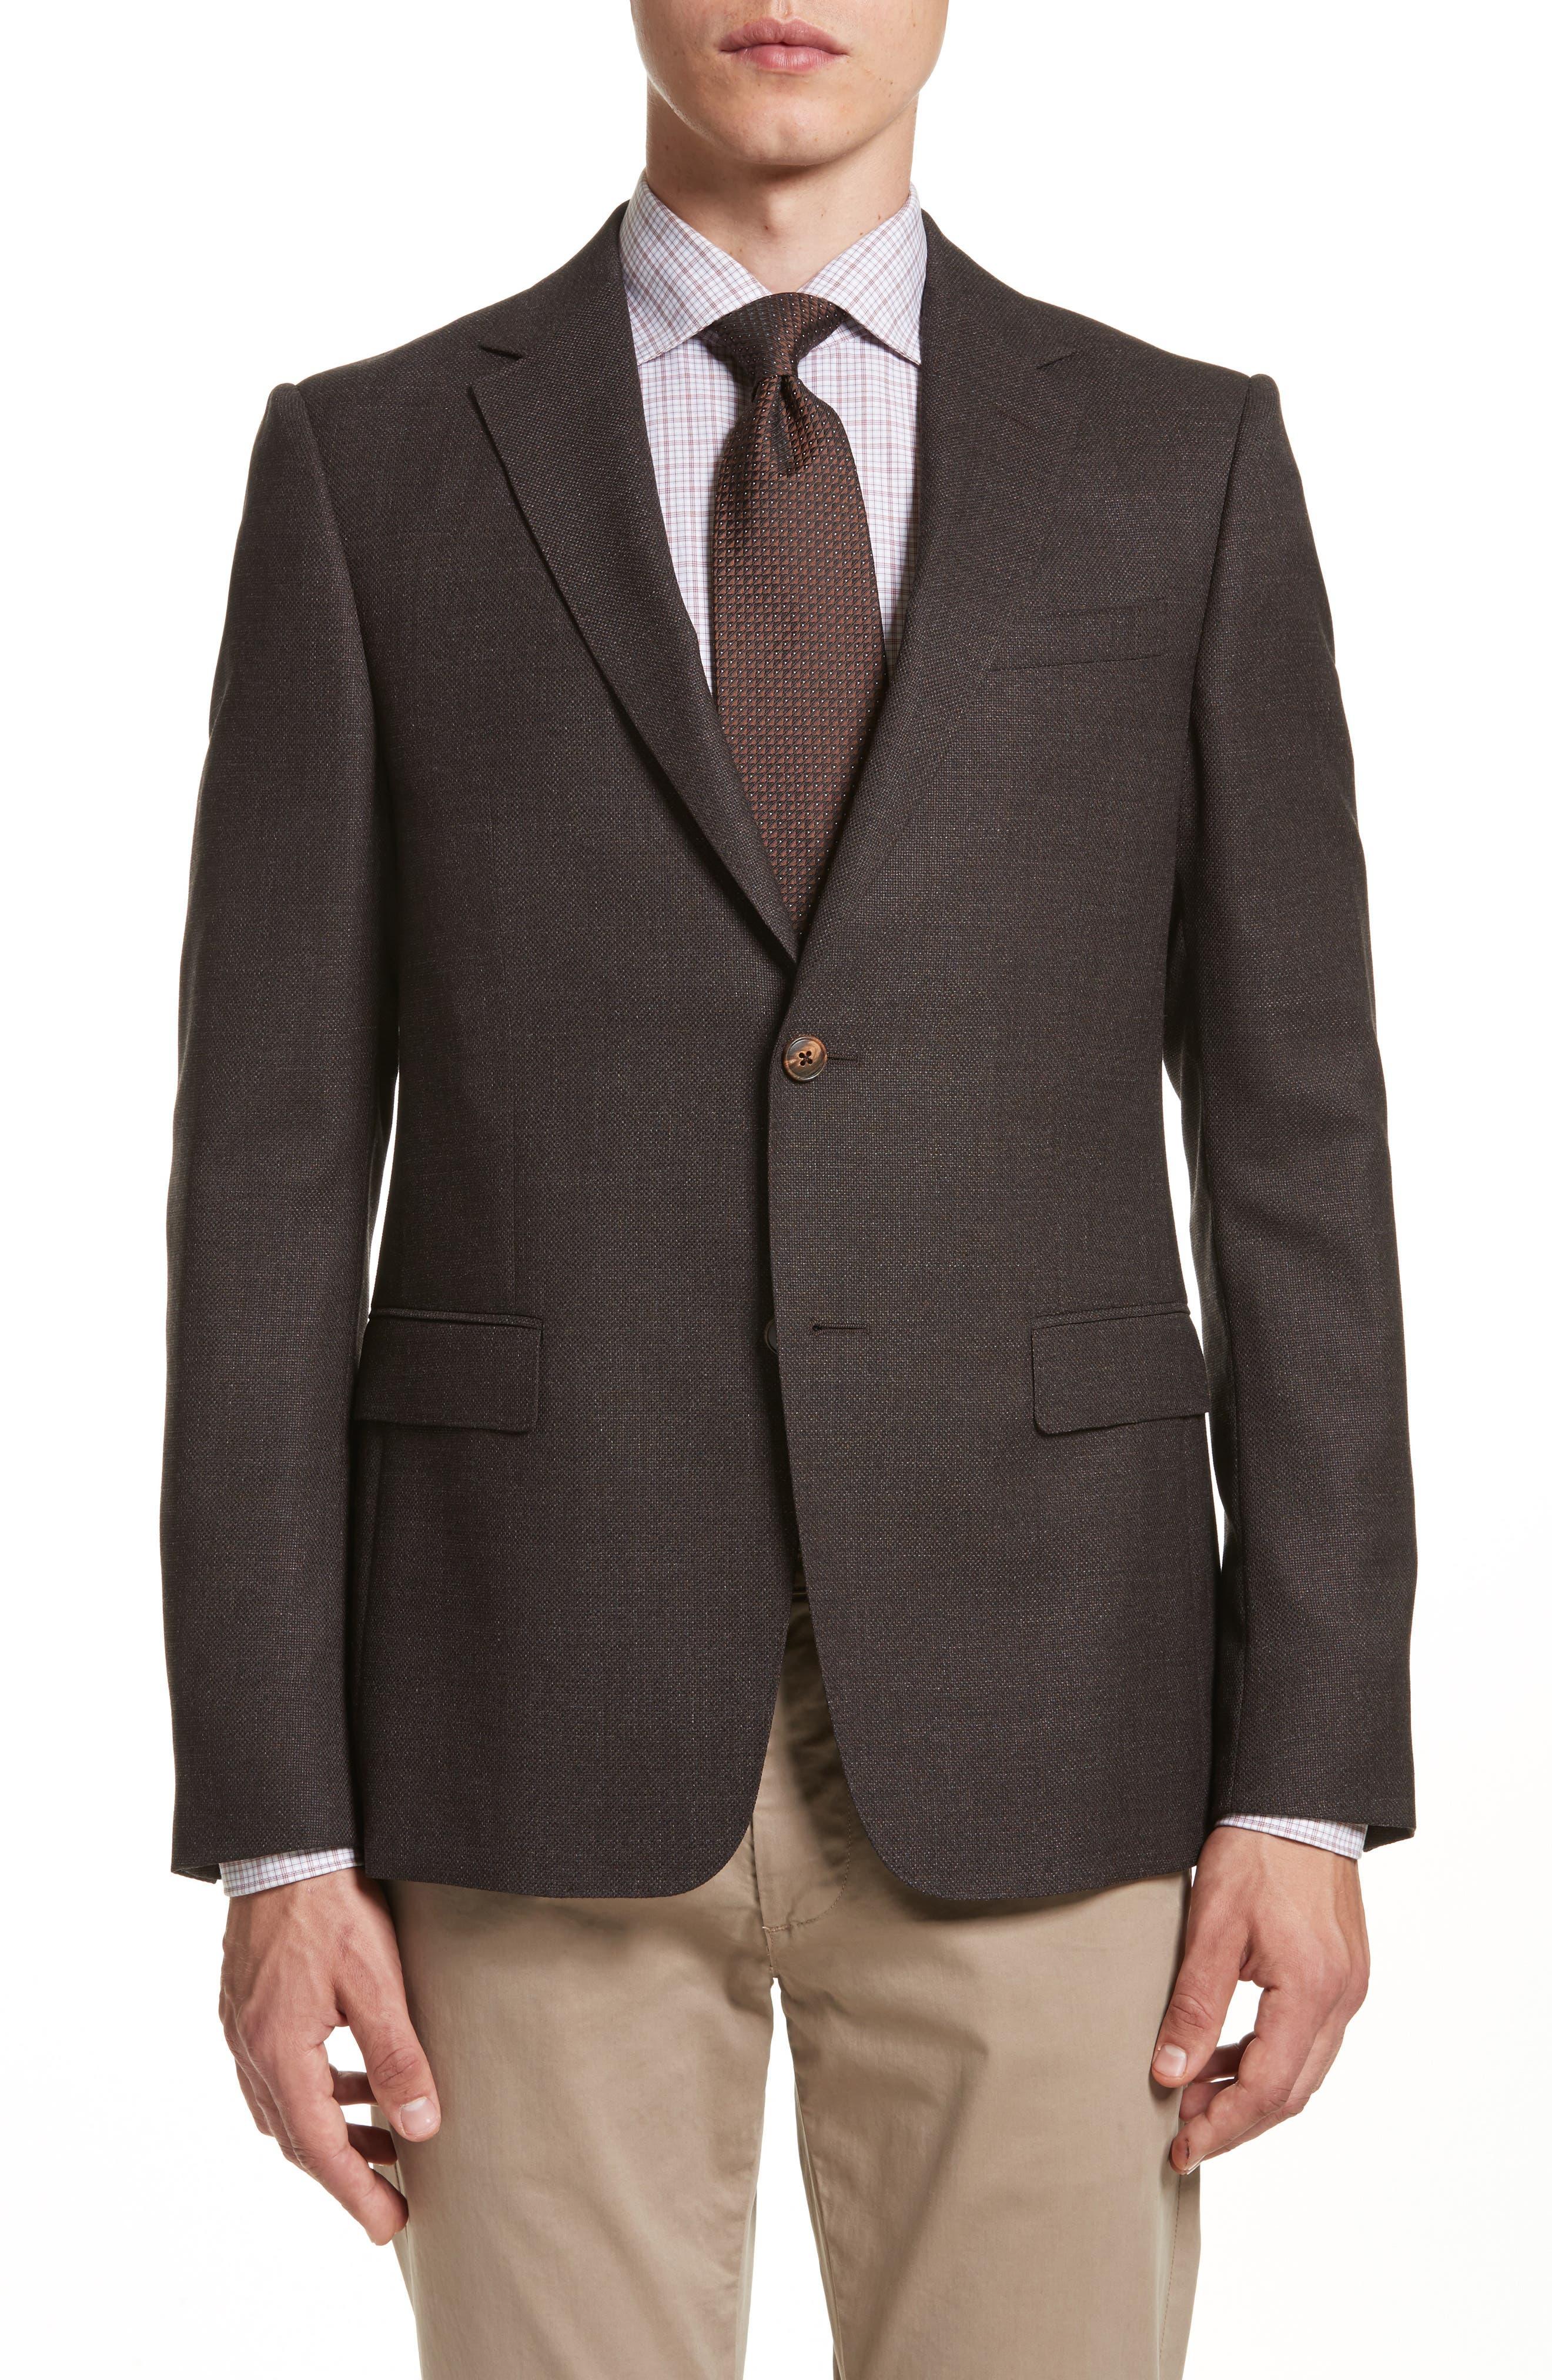 Z Zegna Classic Fit Wool Blazer